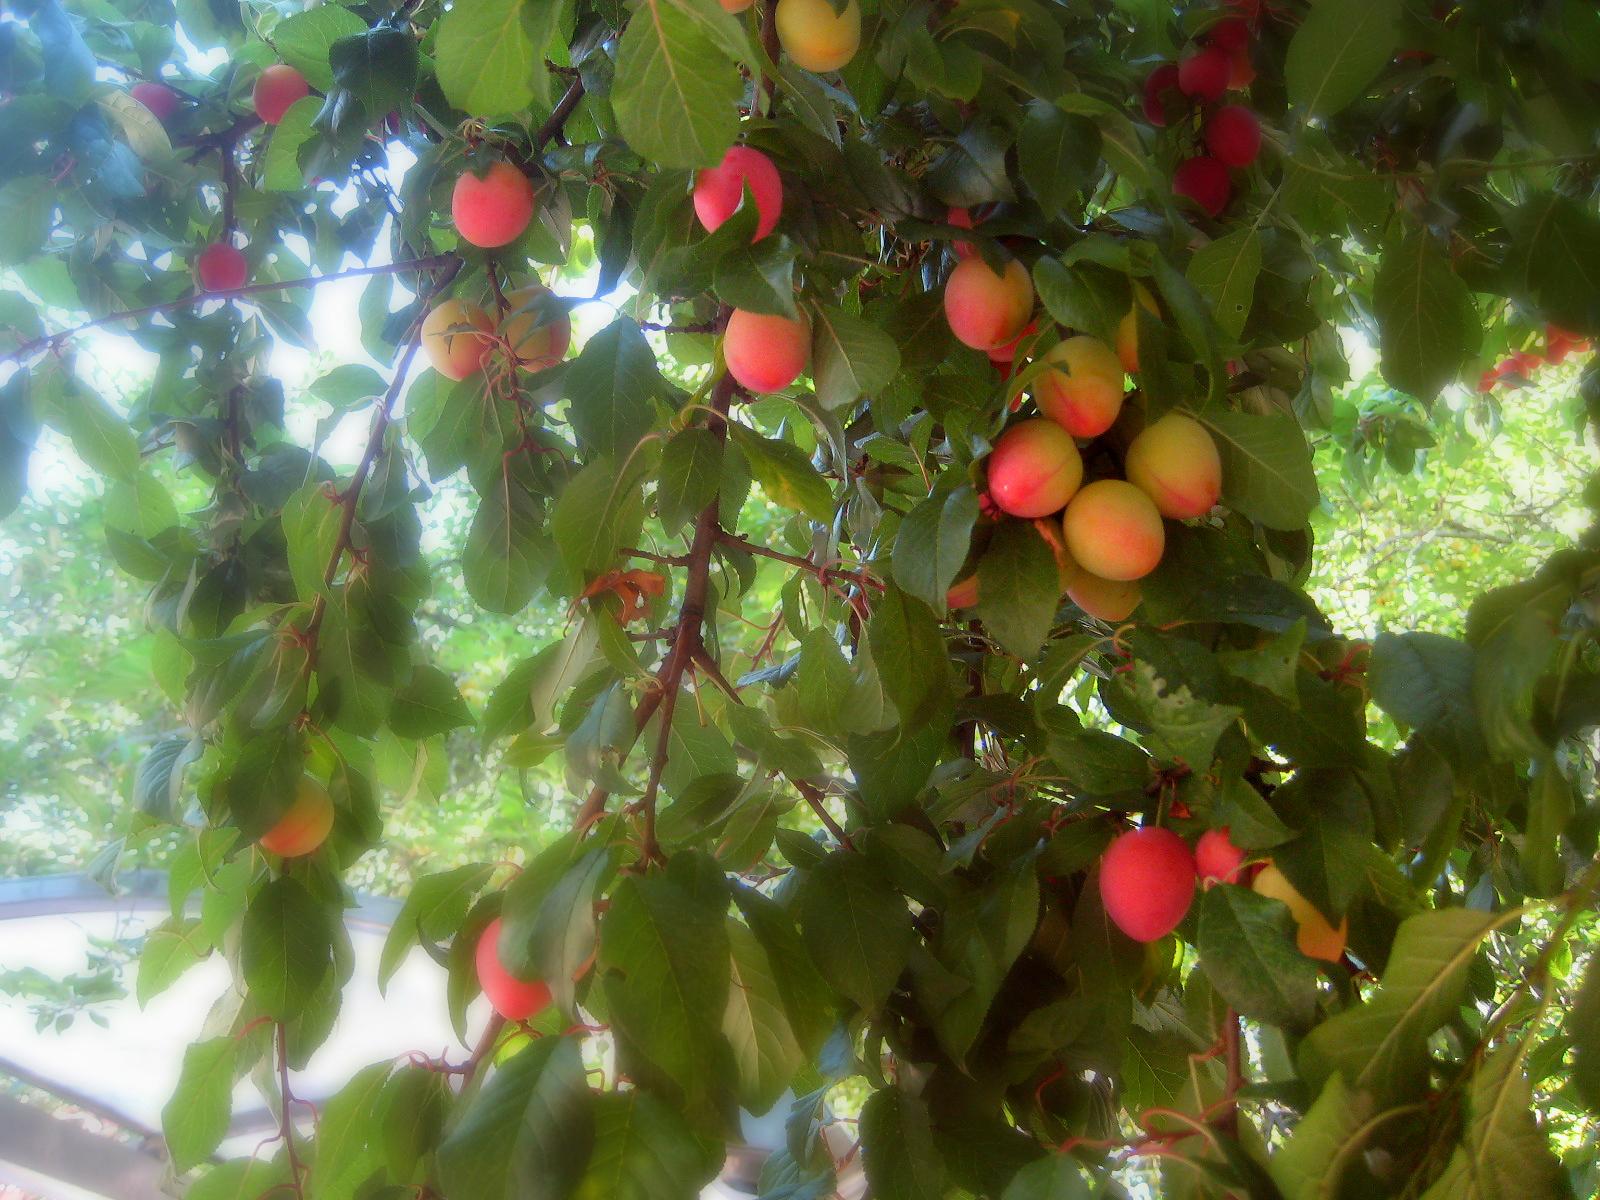 Piante Da Frutto Sempreverdi sfondi : sempreverde, pianta, prugna, ciliegia, produrre